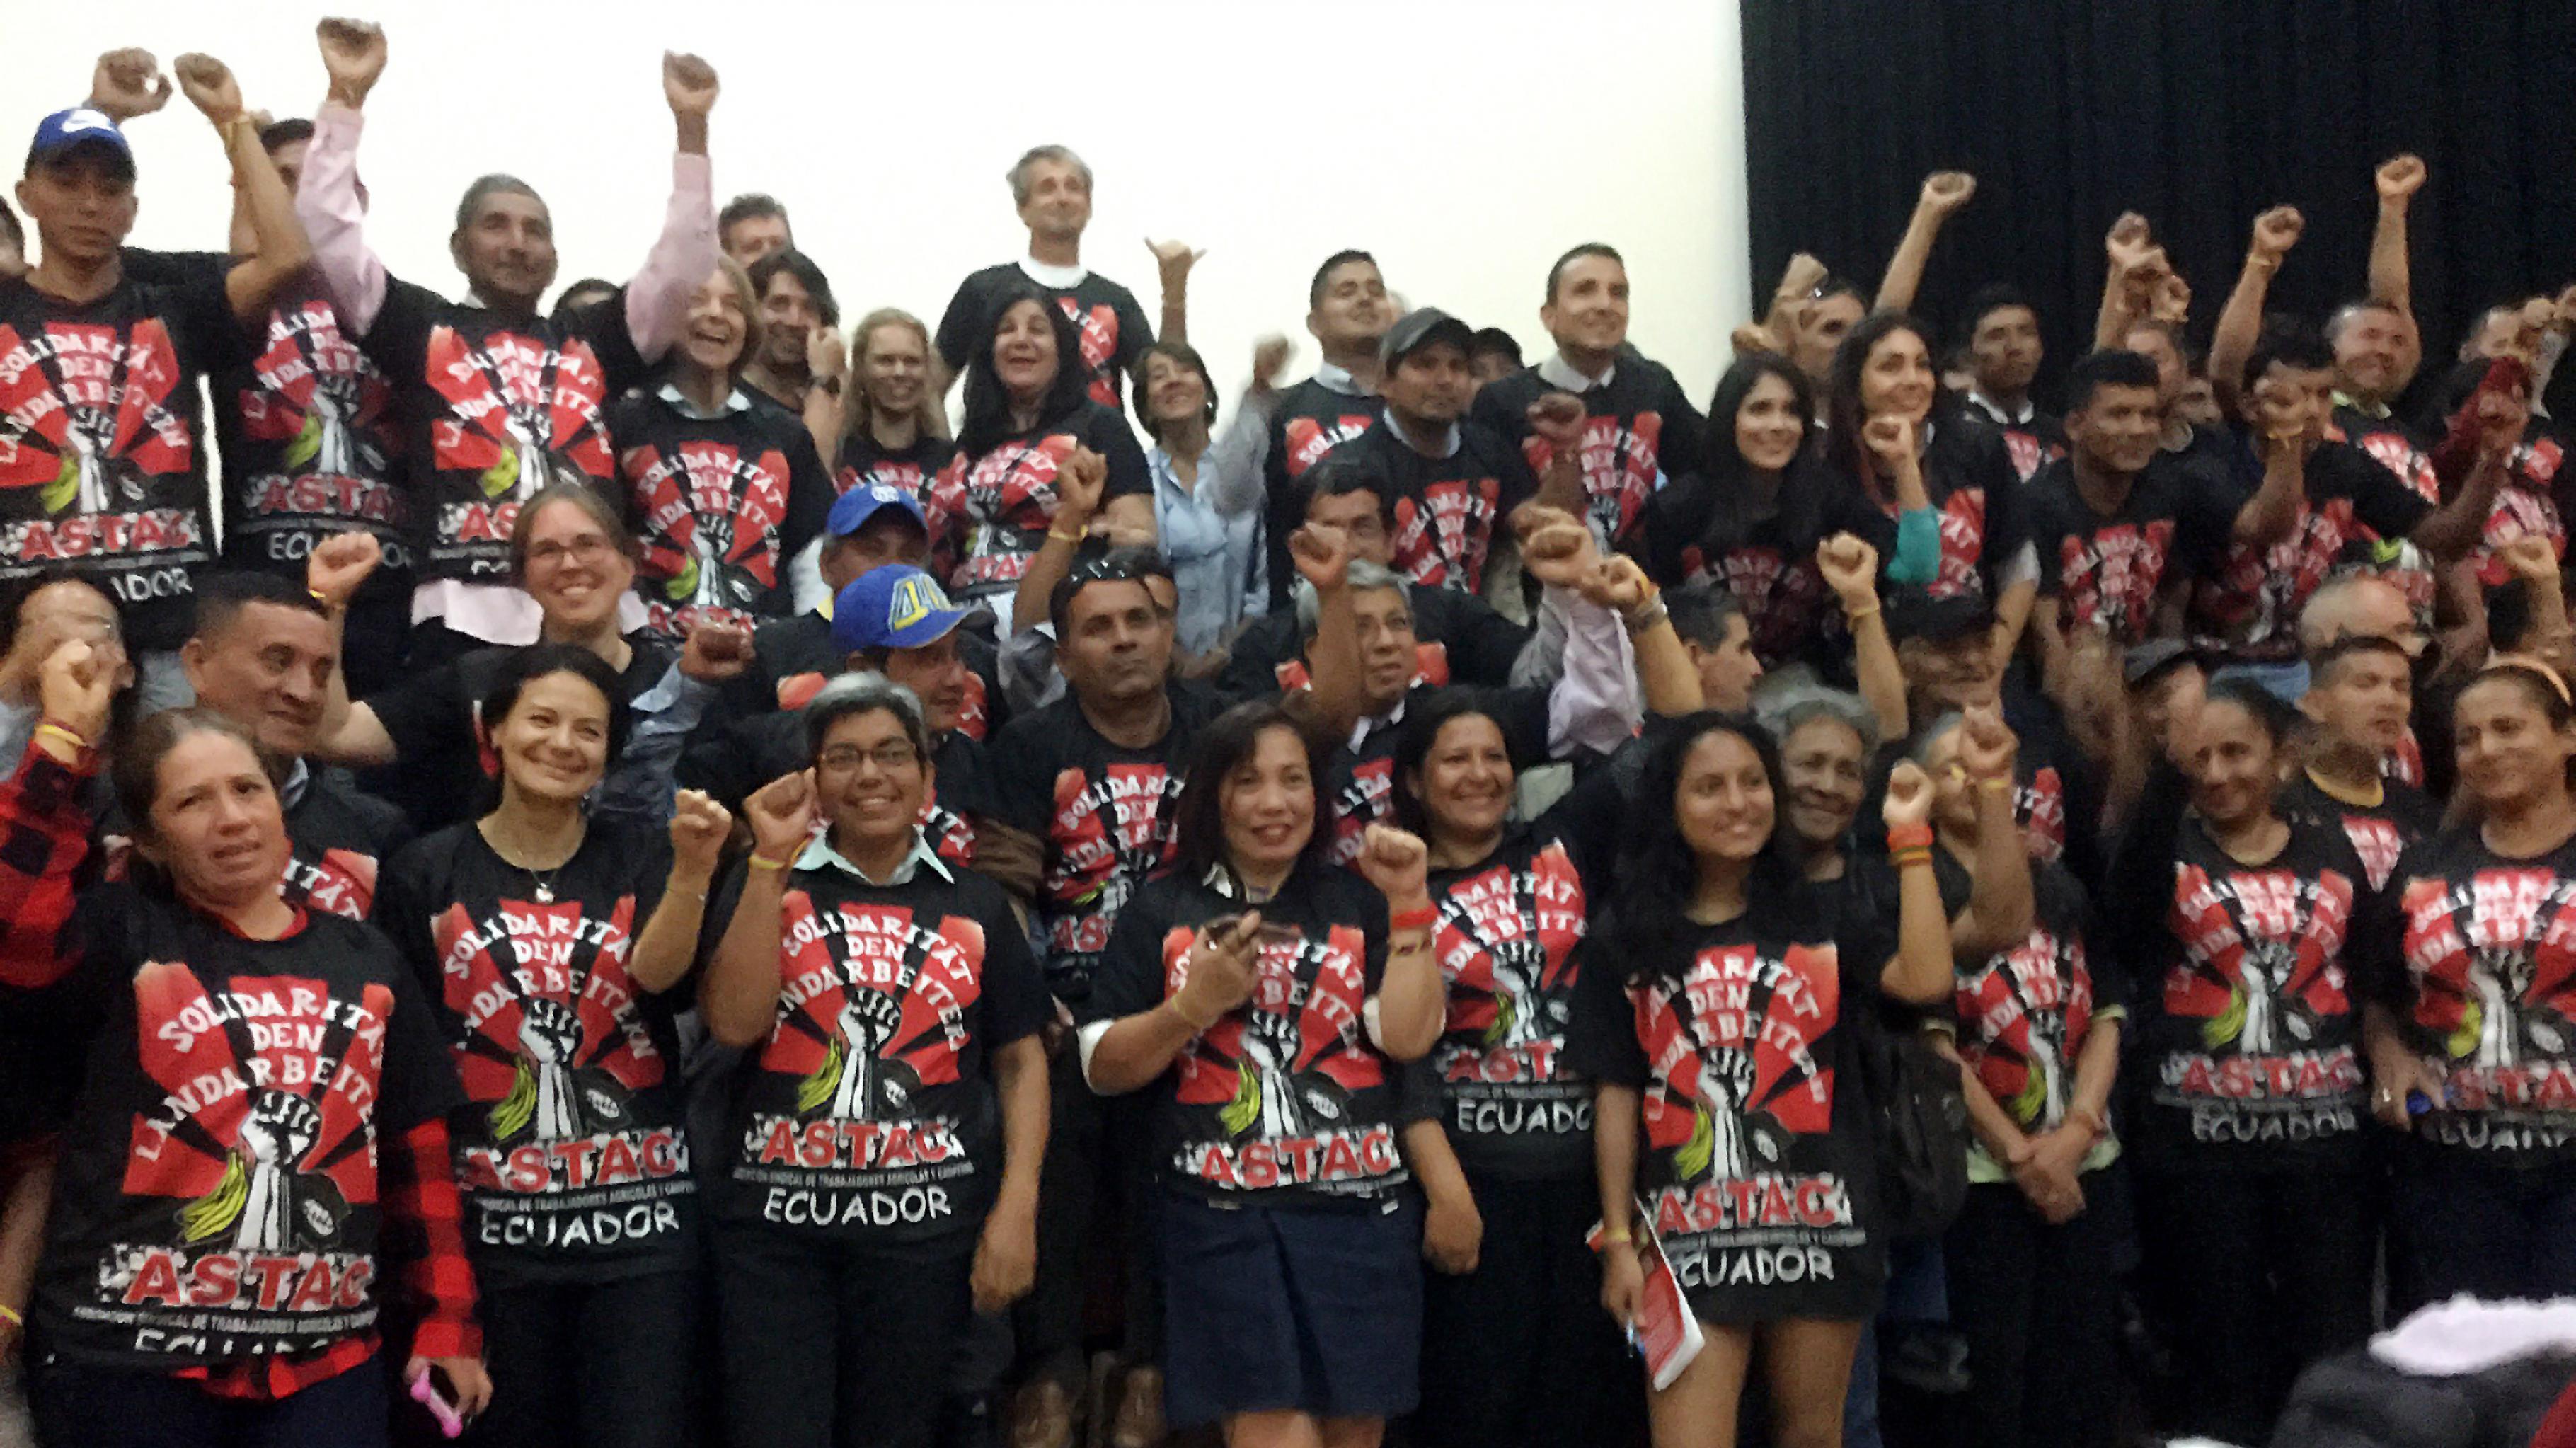 """Gruppenfoto; alle tragen ein T-Shirt mit der Aufschrift """"Solidarität mit den Landarbeitern – ASTAC – Ecuador"""" und heben die Fäuste"""